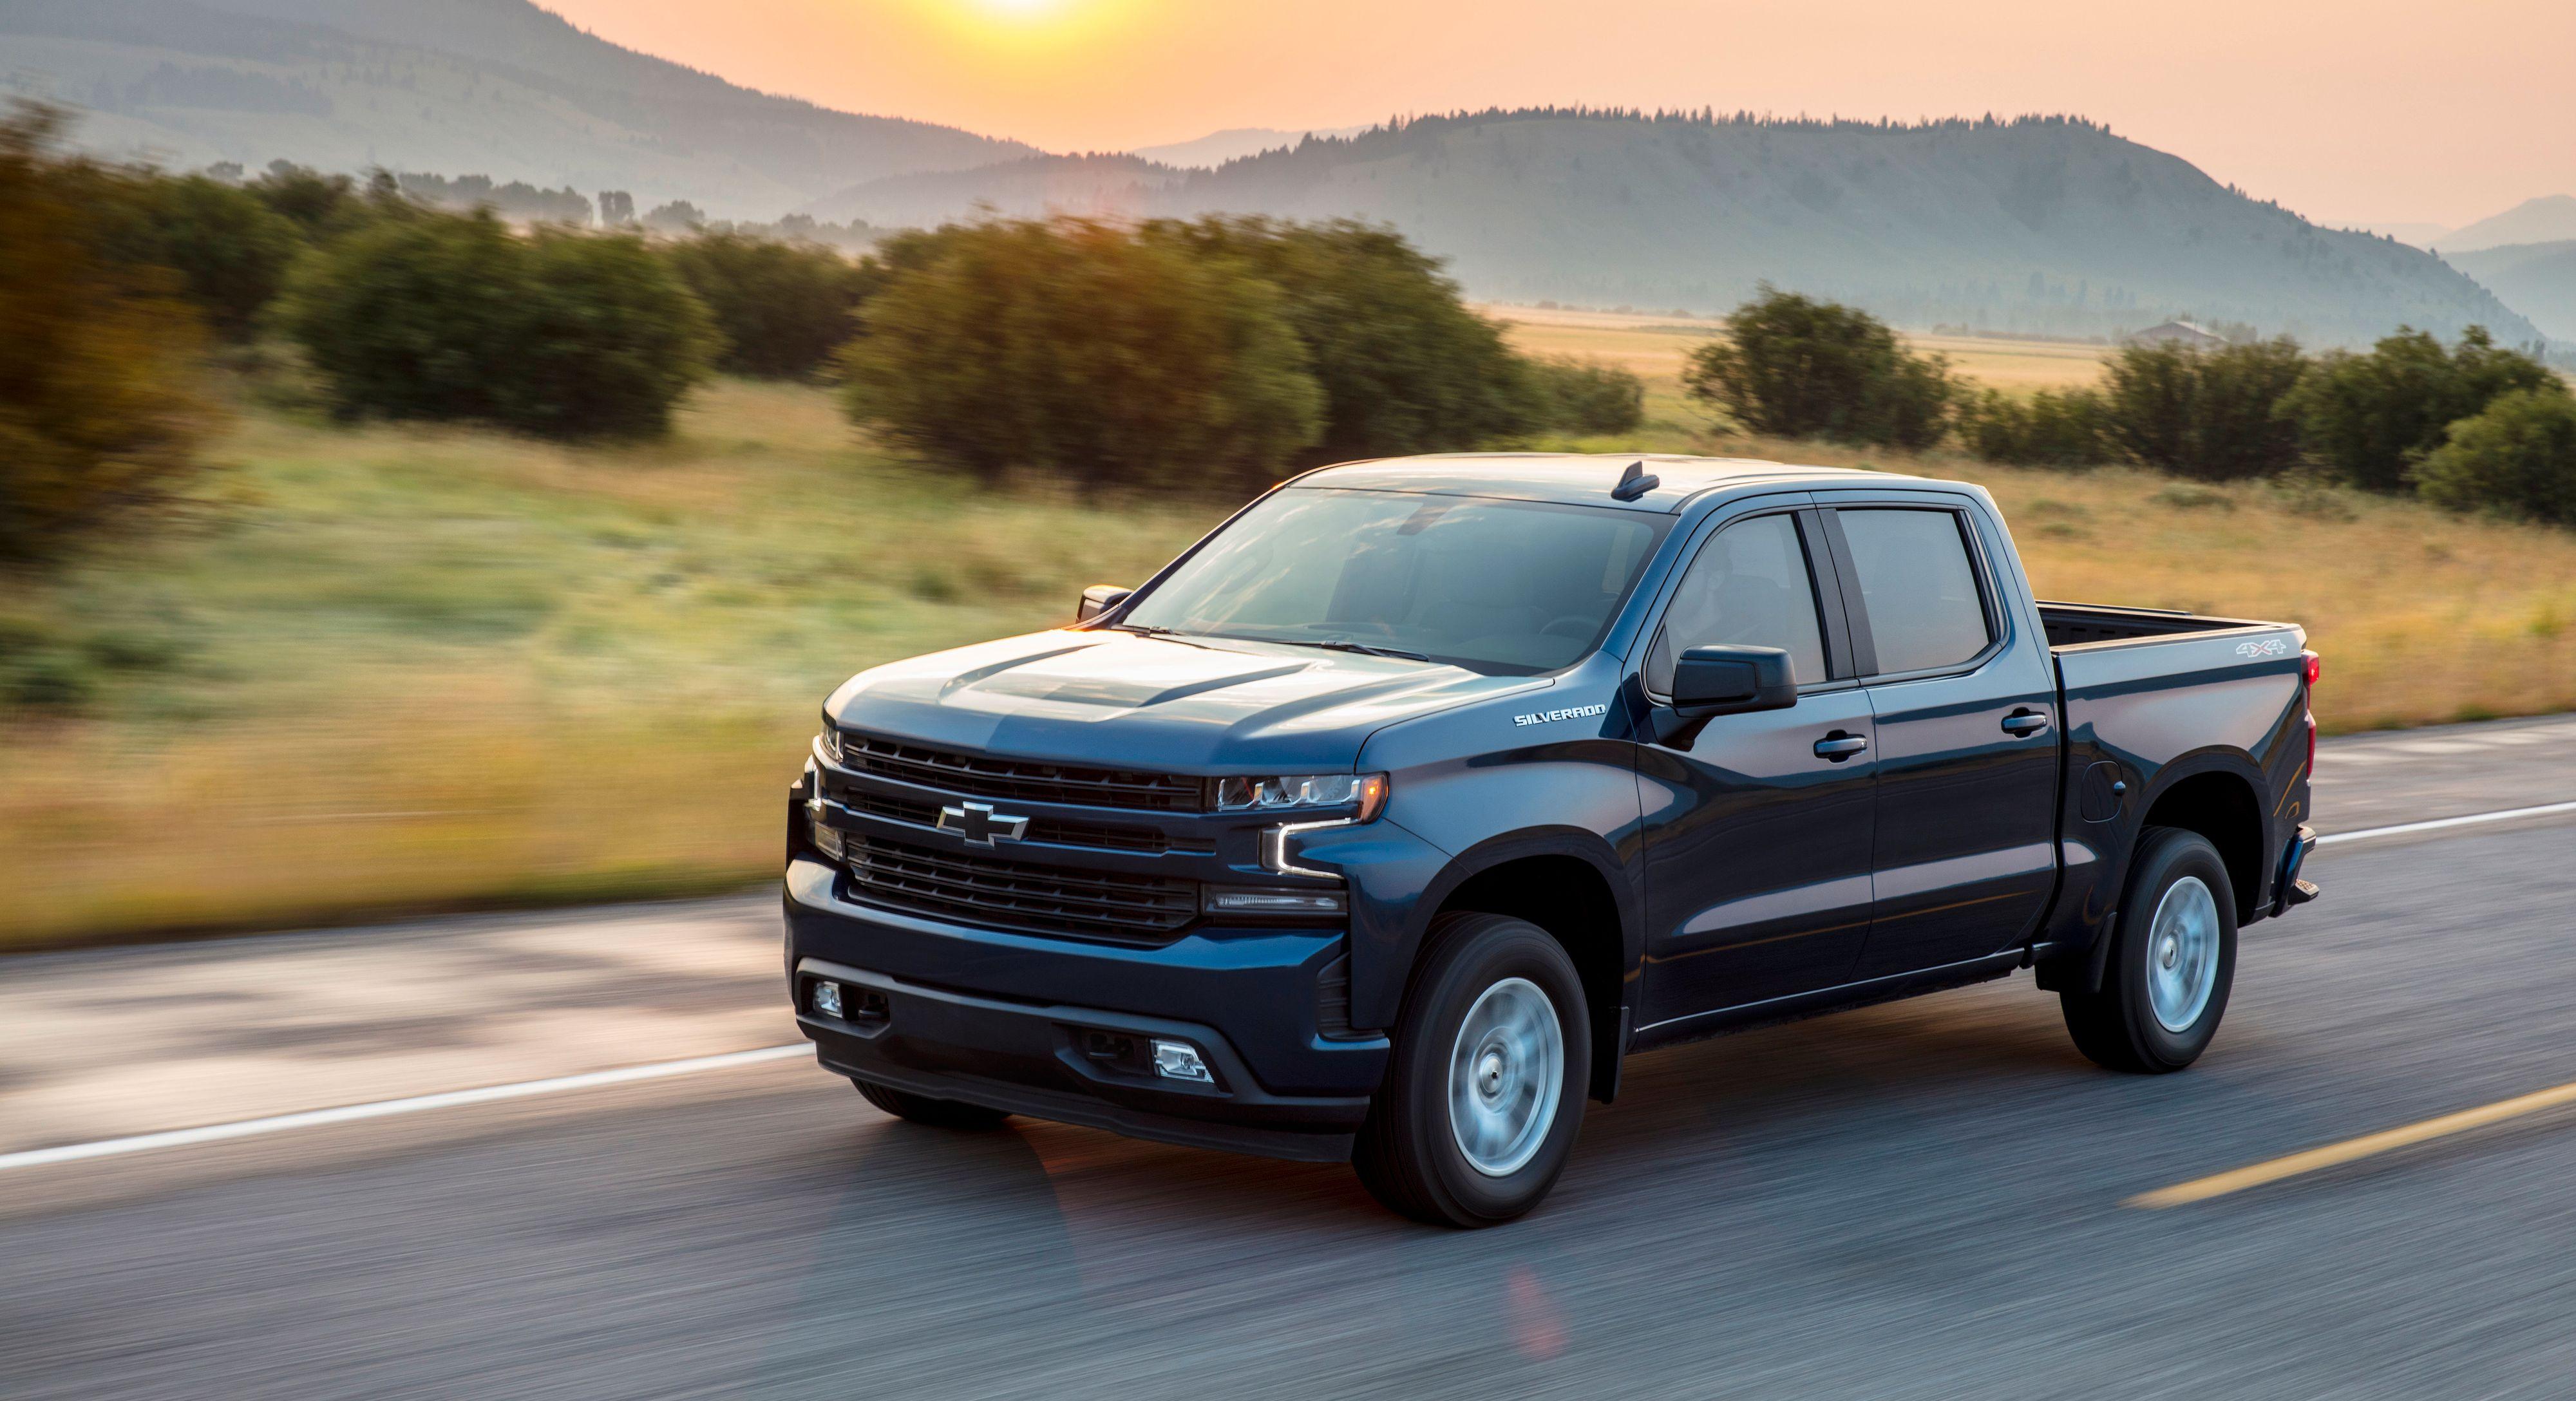 Chevrolet kommer med en pickup i «full størrelse». Det kan bli en variant av eller en konkurrent til Silverado (avbildet).